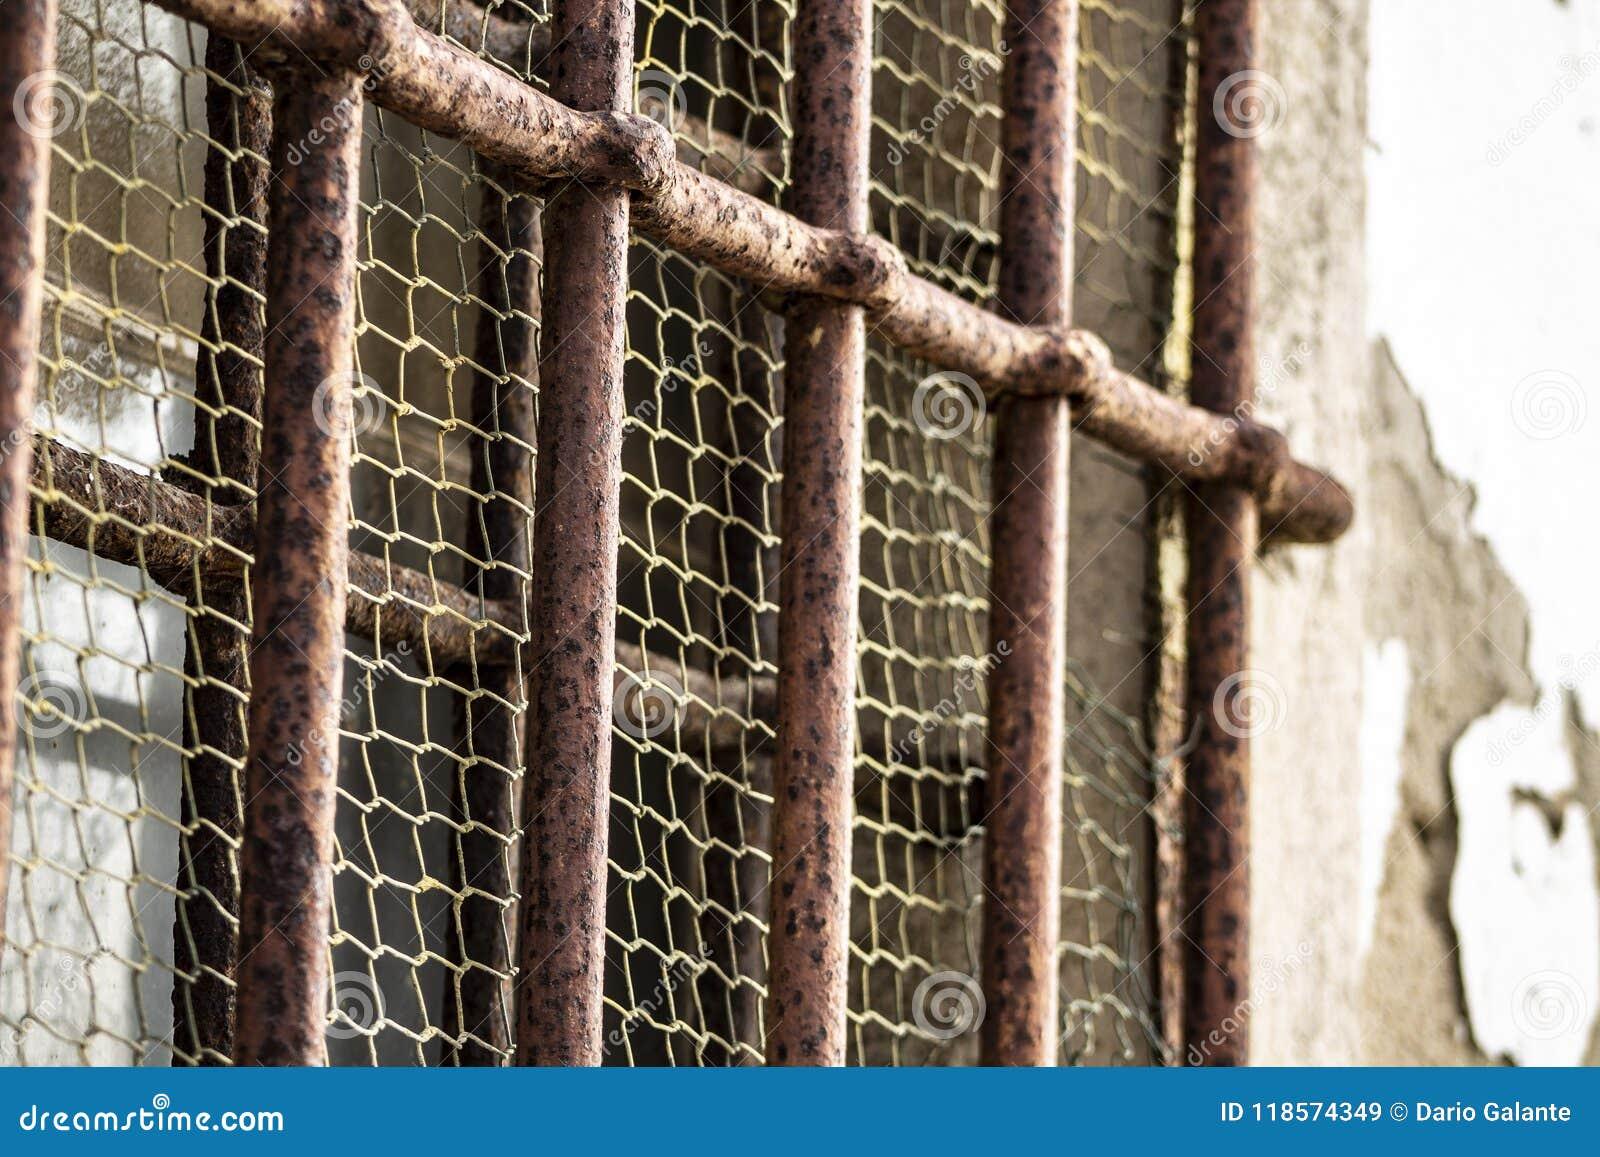 Roestige bars van een gevangenis